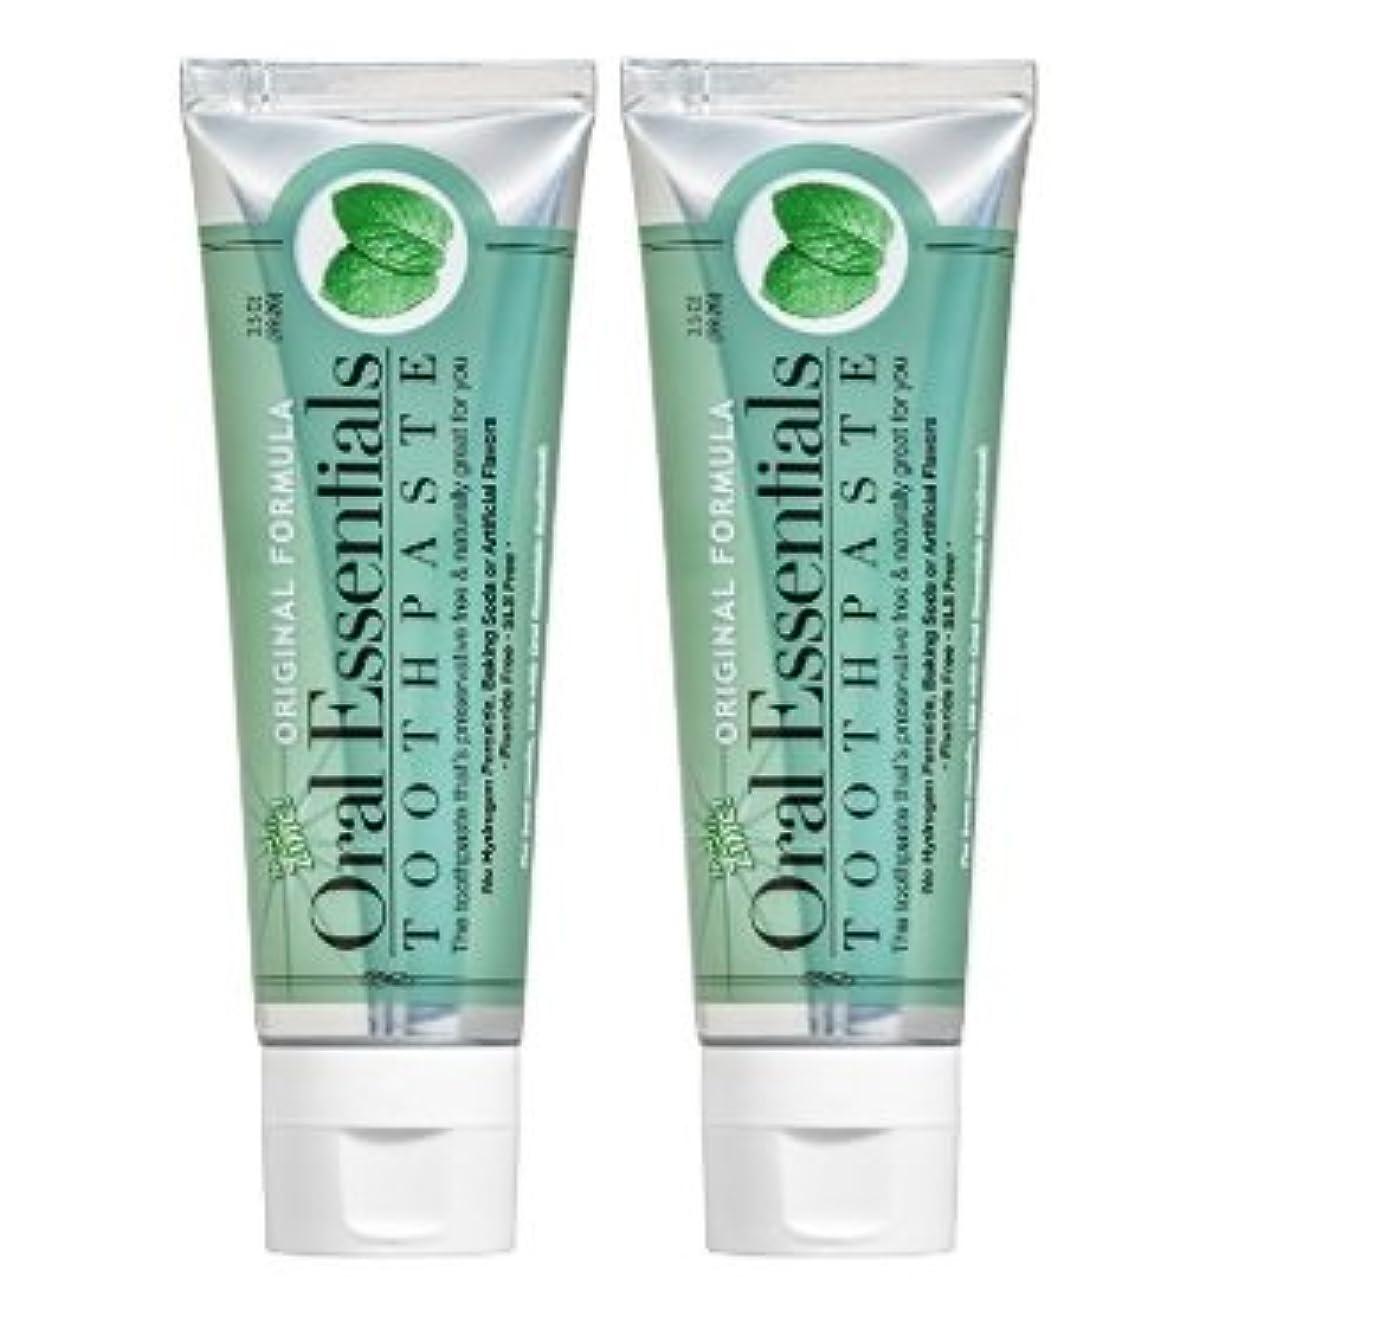 持参獣残る海外直送品 Oral Essentials オーラルエッセンシャル 歯磨き粉 (オリジナル 106.3グラム 2個) Fresh Breath Toothpaste (Pack of 2) 3.5 Oz Dentist Formulated & Certified Non- Toxic NO Fluoride, SLS, Artificial Flavors (Safe for the Entire Family)